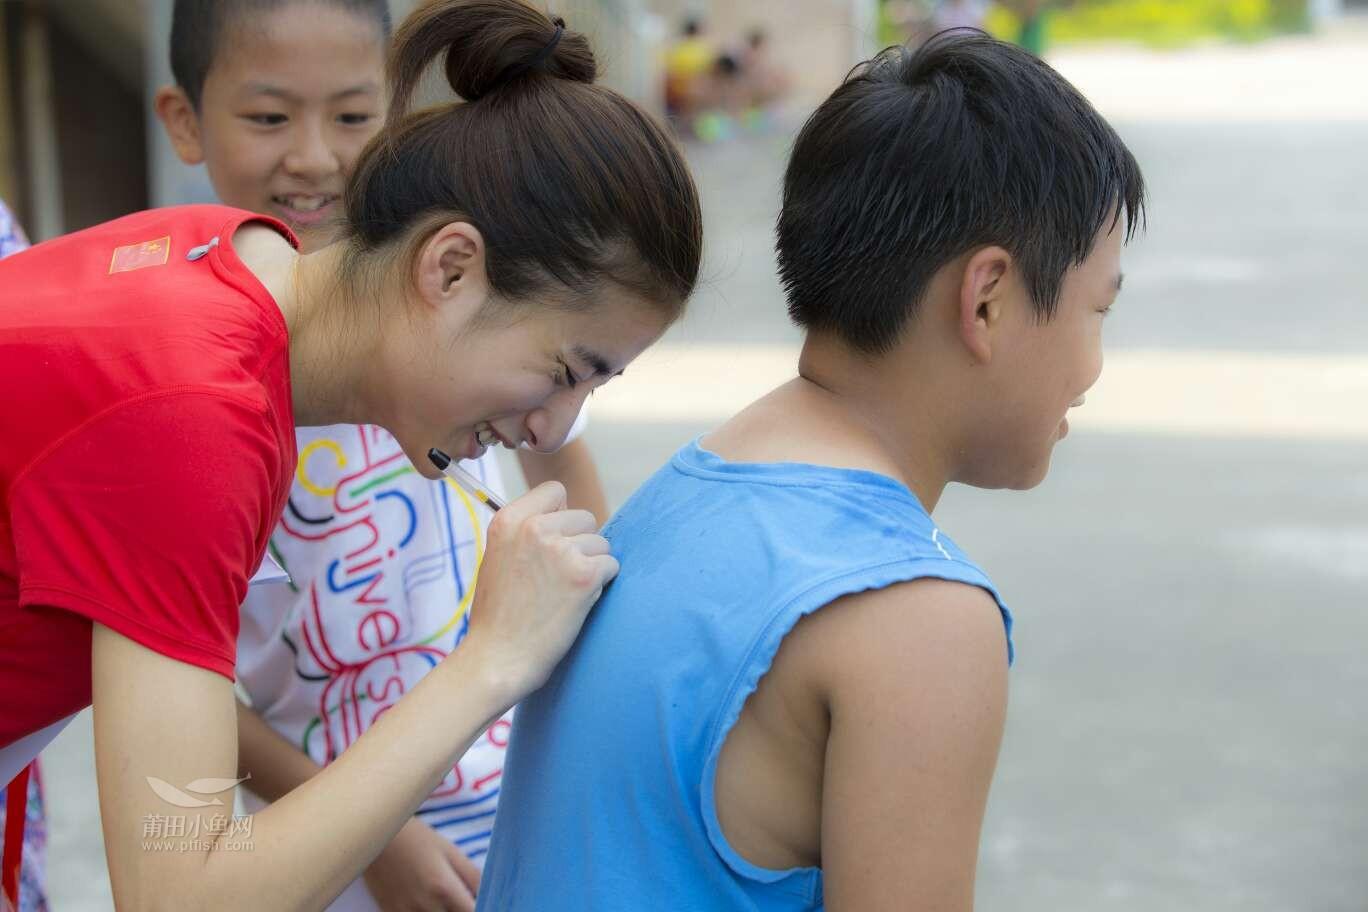 女子三级跳陈婷_今天上午十点左右,2016世界青年田径锦标赛女子三级跳远冠军陈婷在